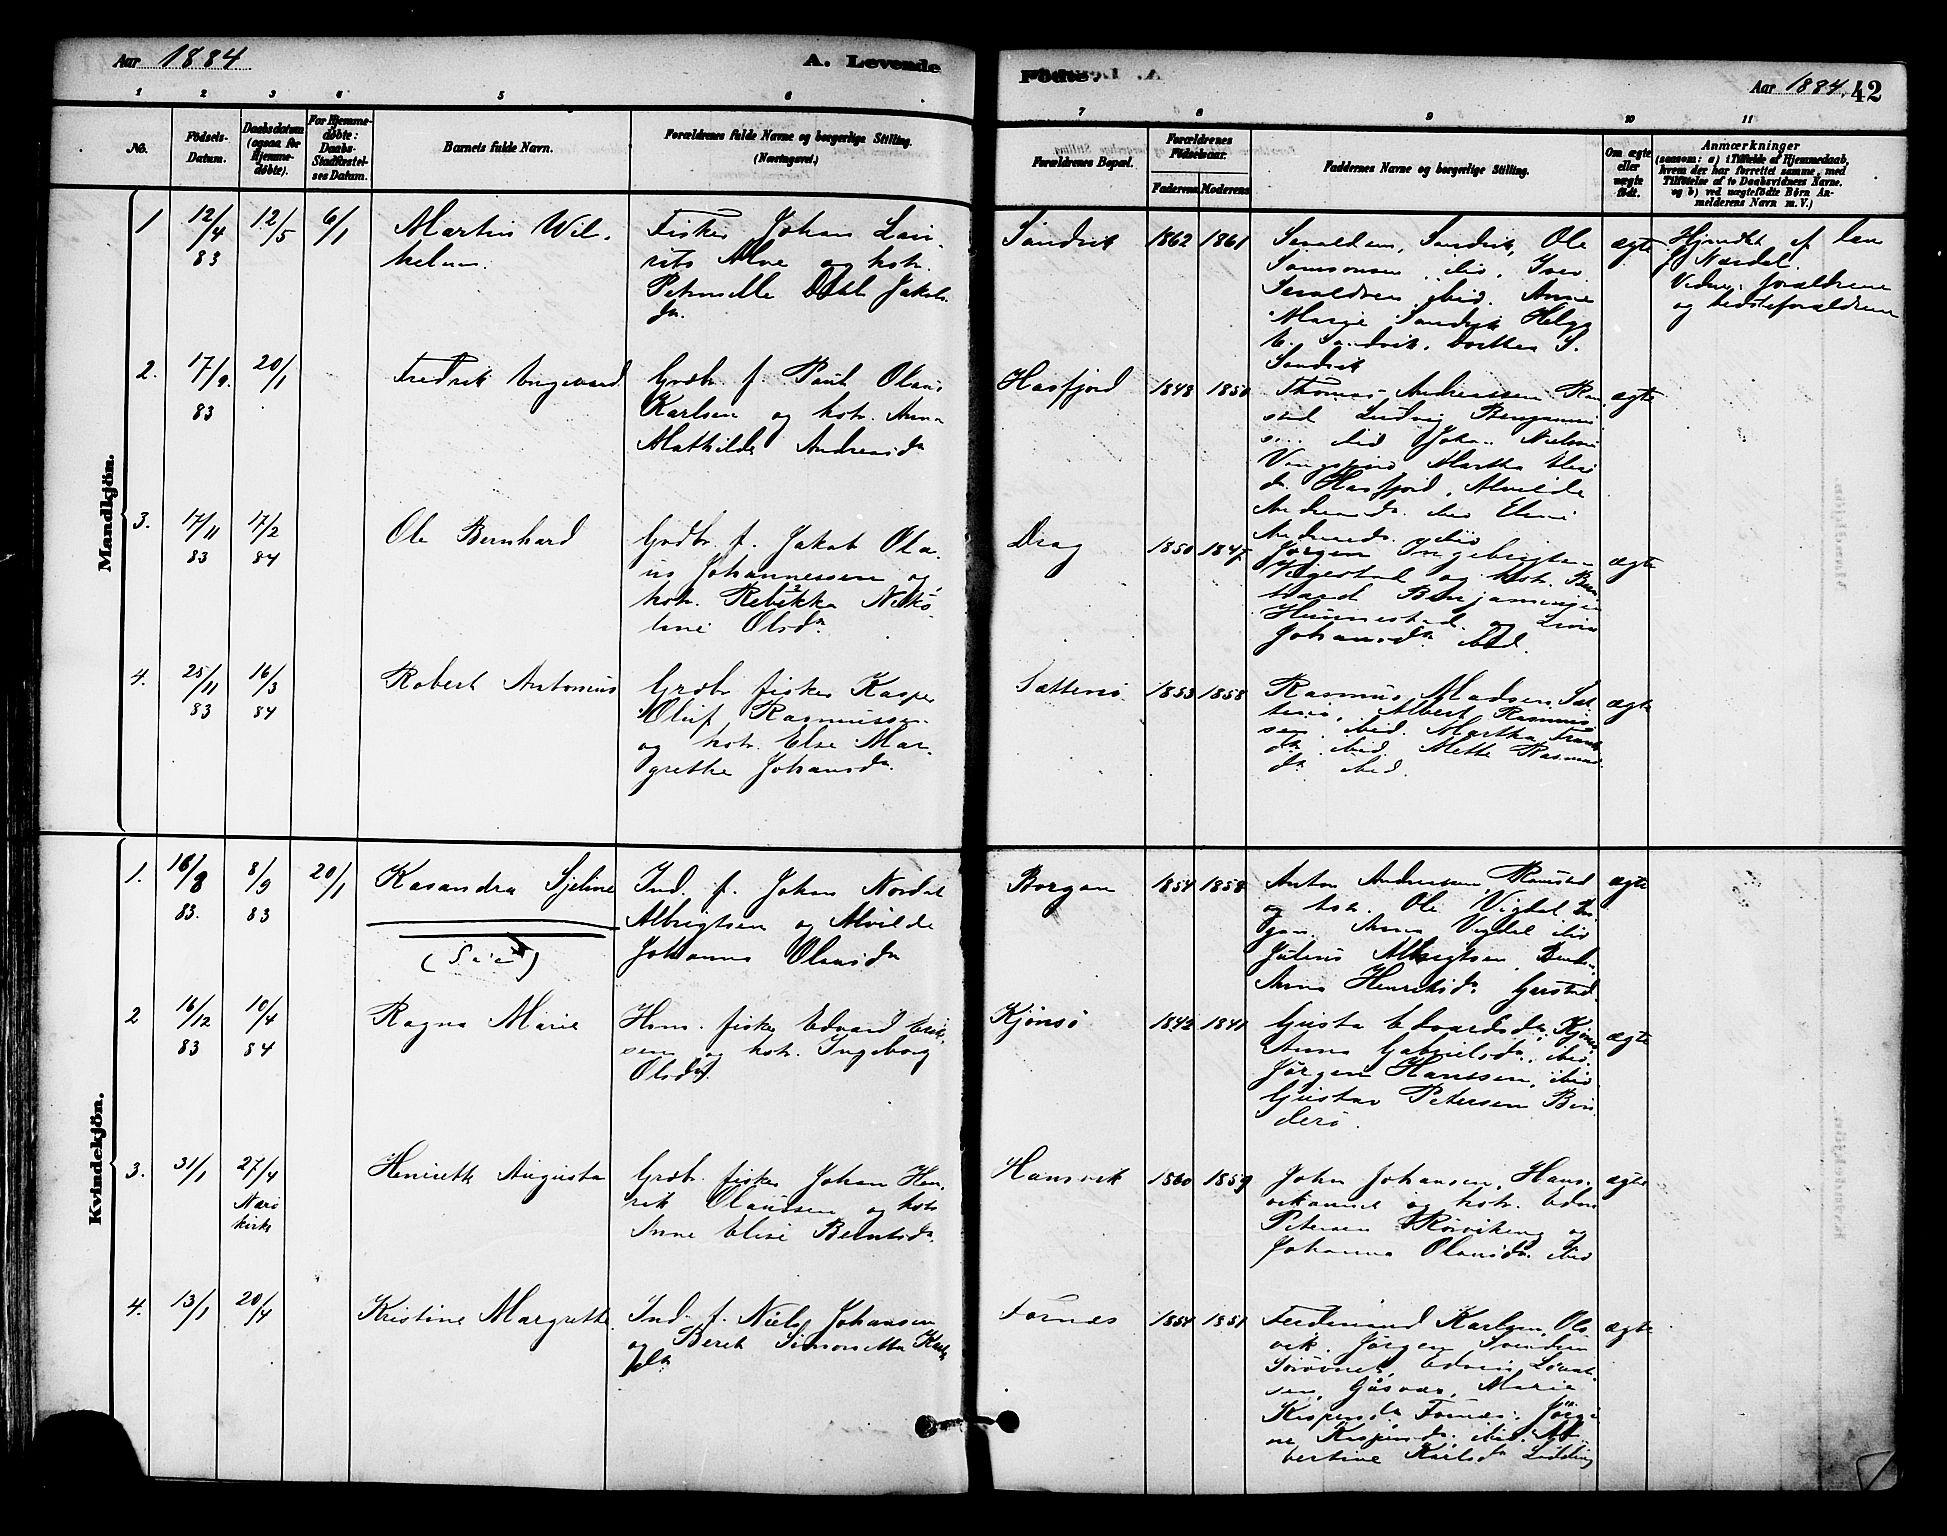 SAT, Ministerialprotokoller, klokkerbøker og fødselsregistre - Nord-Trøndelag, 786/L0686: Ministerialbok nr. 786A02, 1880-1887, s. 42